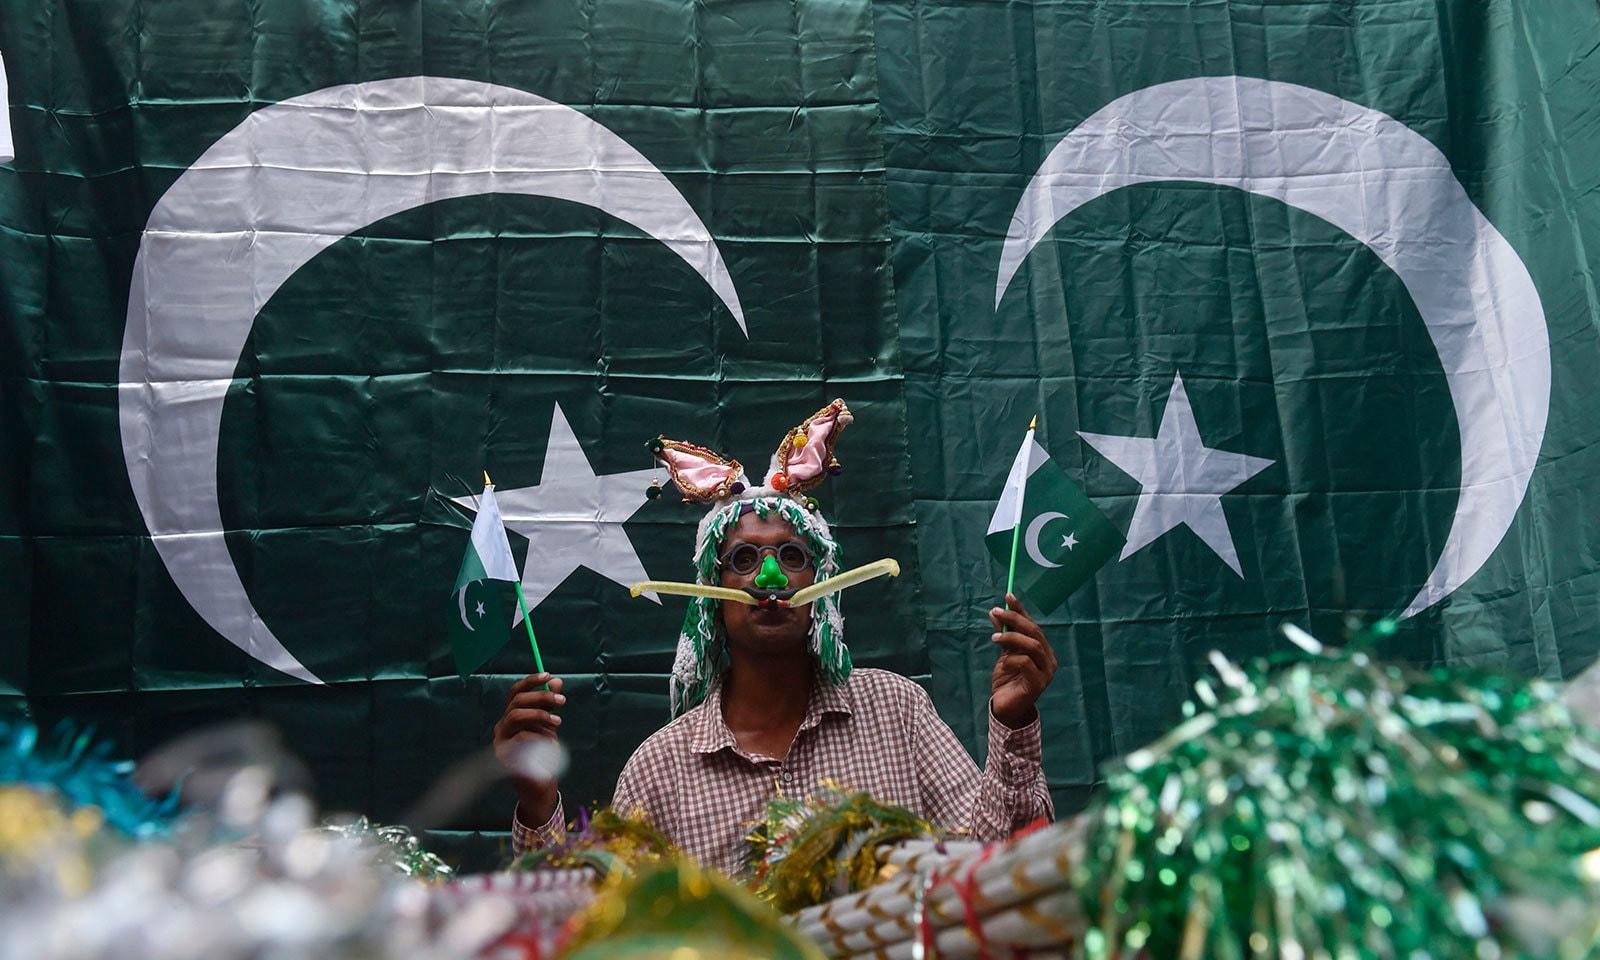 ملک بھر میں یوم آزادی کی تیاریاں بھرپور انداز میں کی گئی ہیں—فوٹو:اے ایف پی